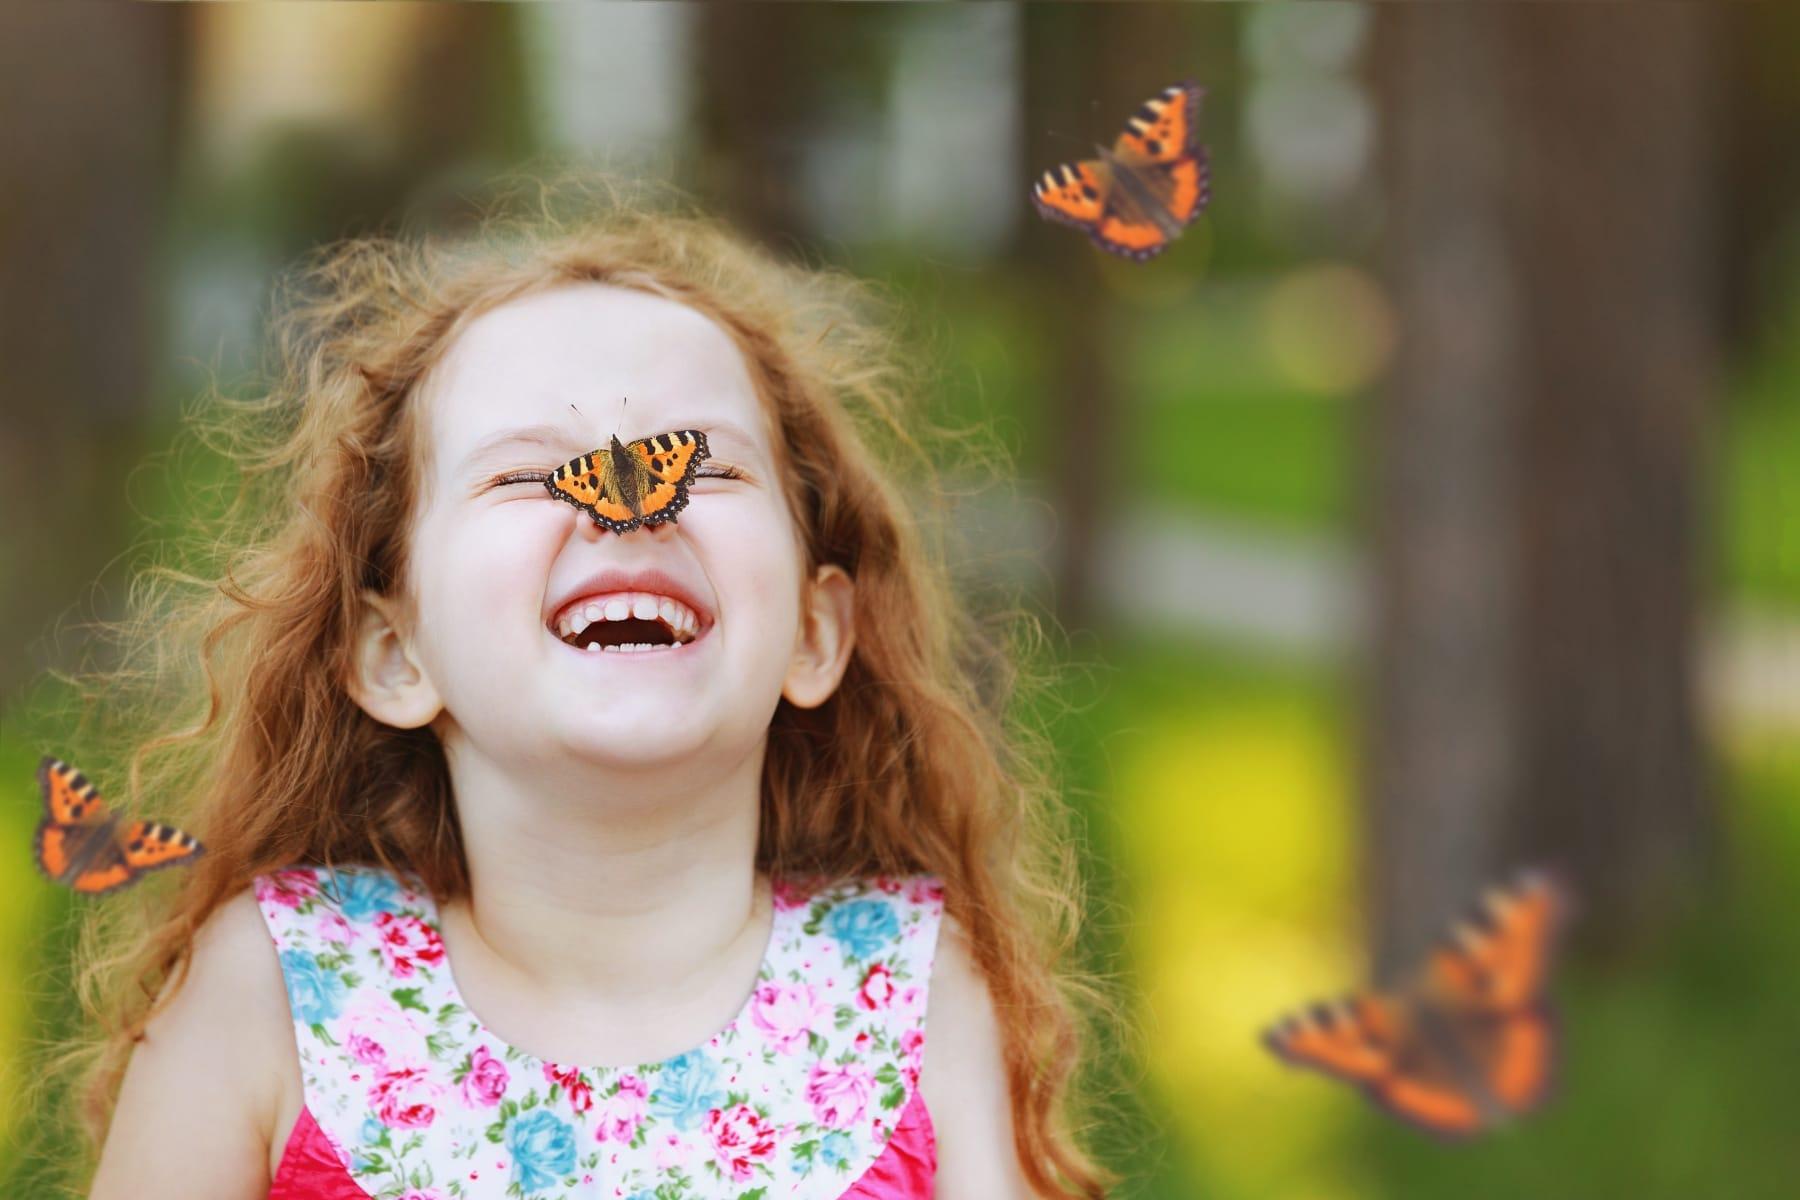 Enfant et Bébé - Pédodontie traitements offerts - Dentisterie pour enfants